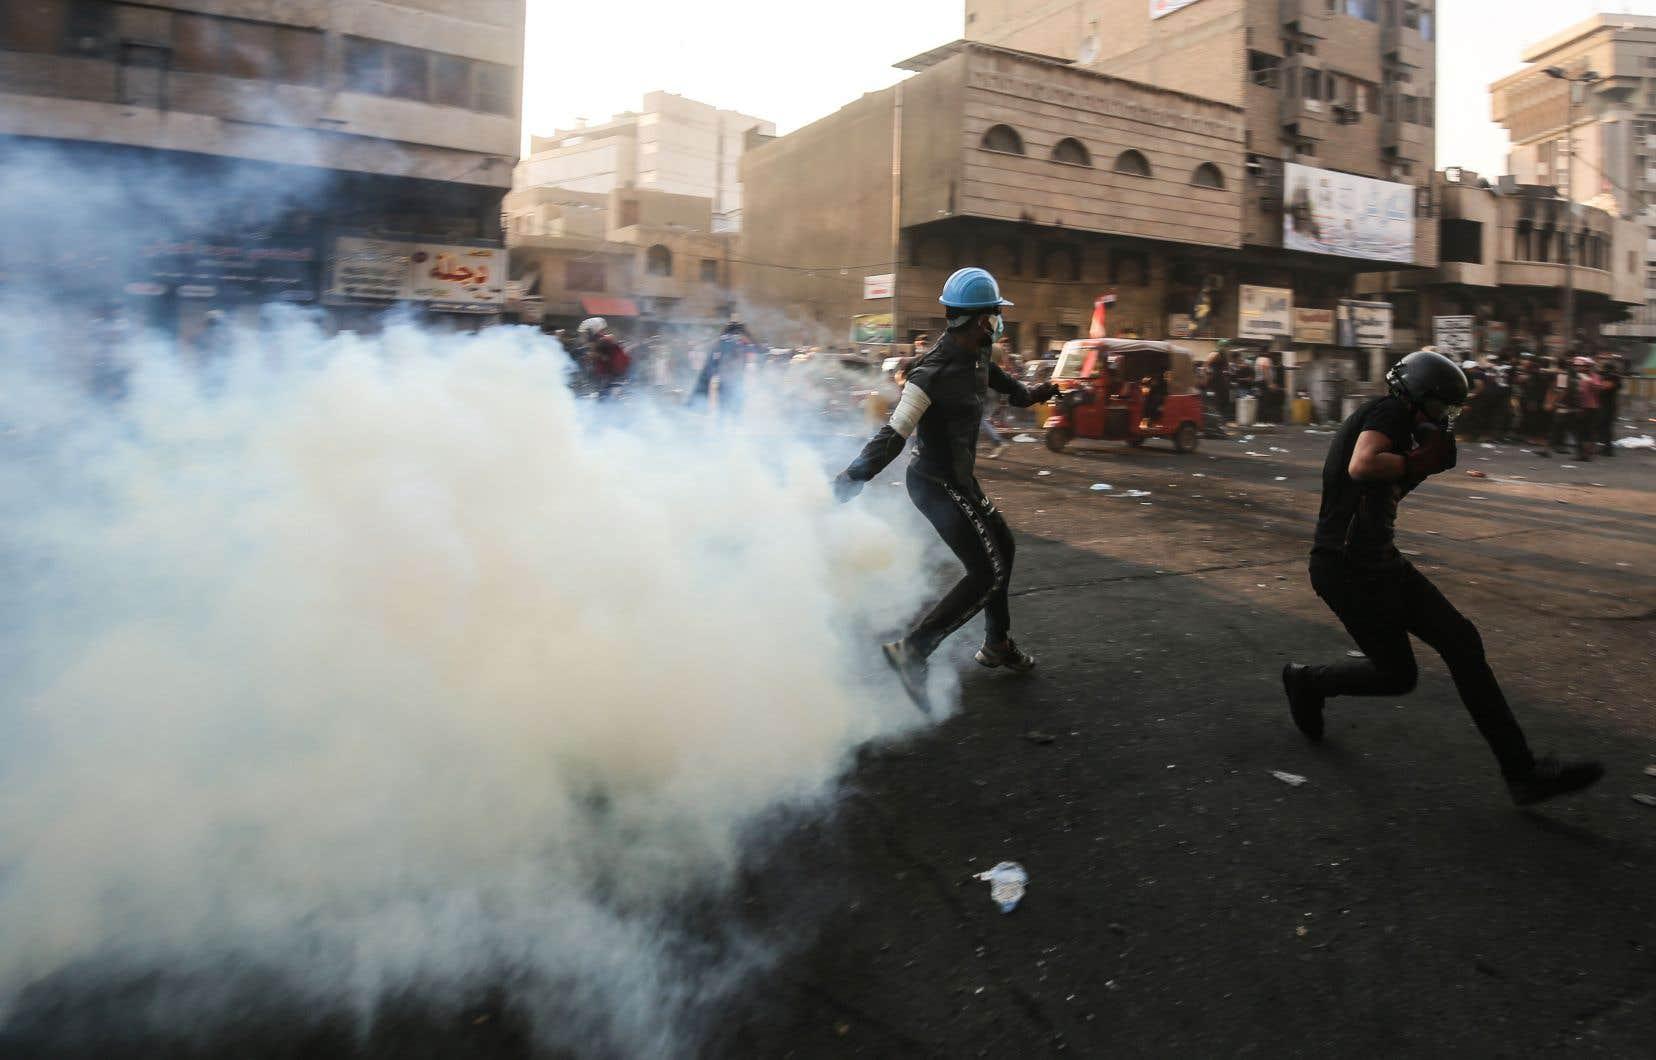 L'Irak fait face à son premier mouvement social spontané. Sur la photo, un manifestant renvoie une bombe lacrymogène lancée par les forces de l'ordre, à Bagdad.